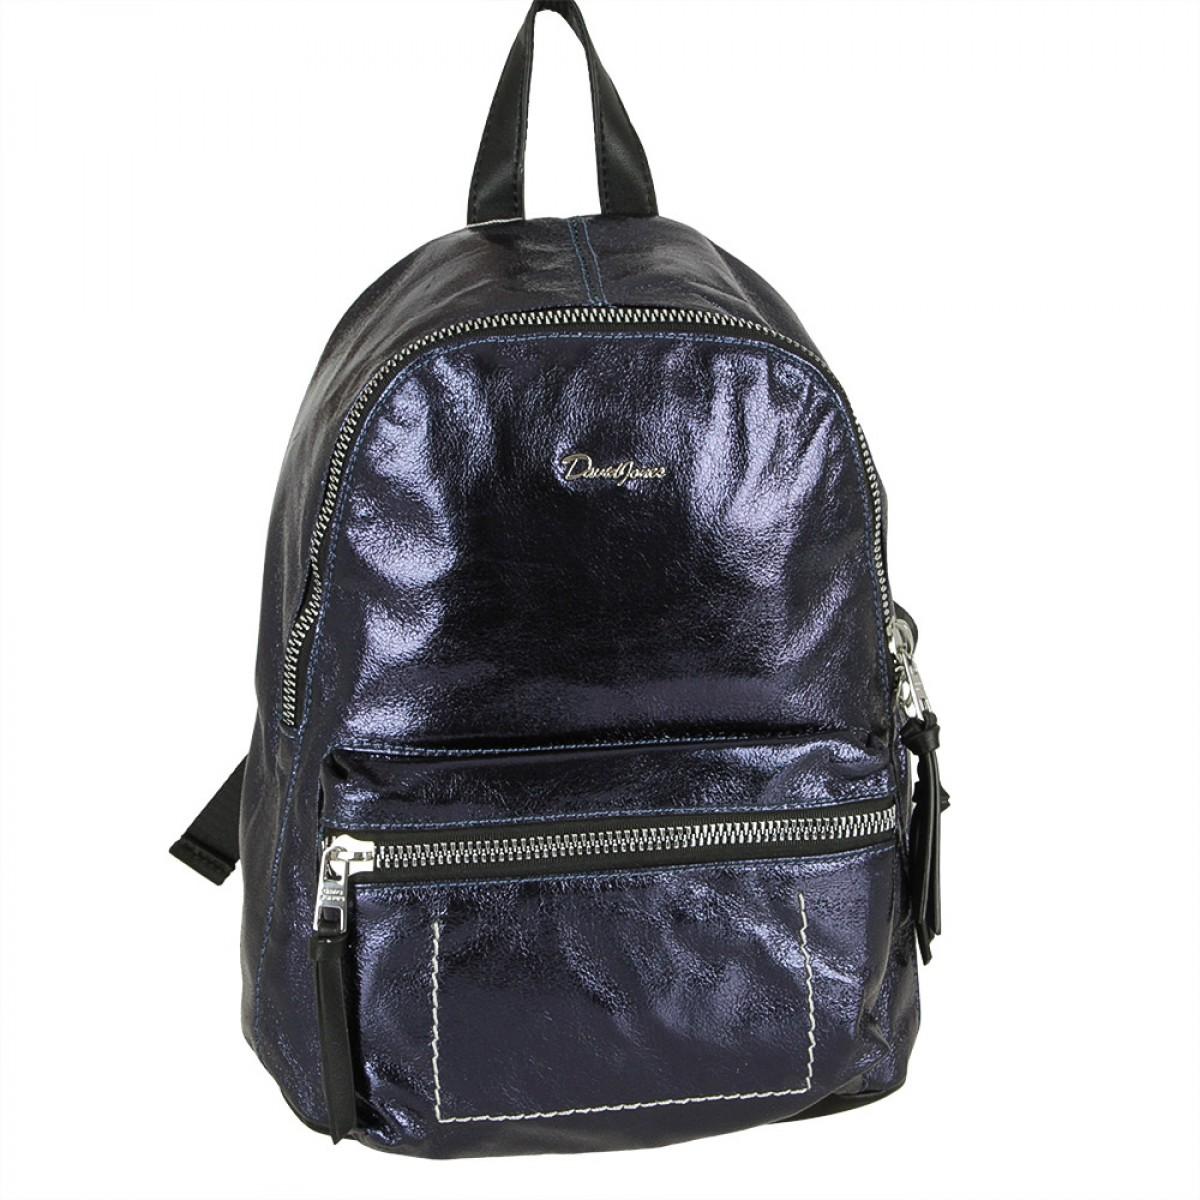 Жіночий рюкзак David Jones 5985-2 BLUE